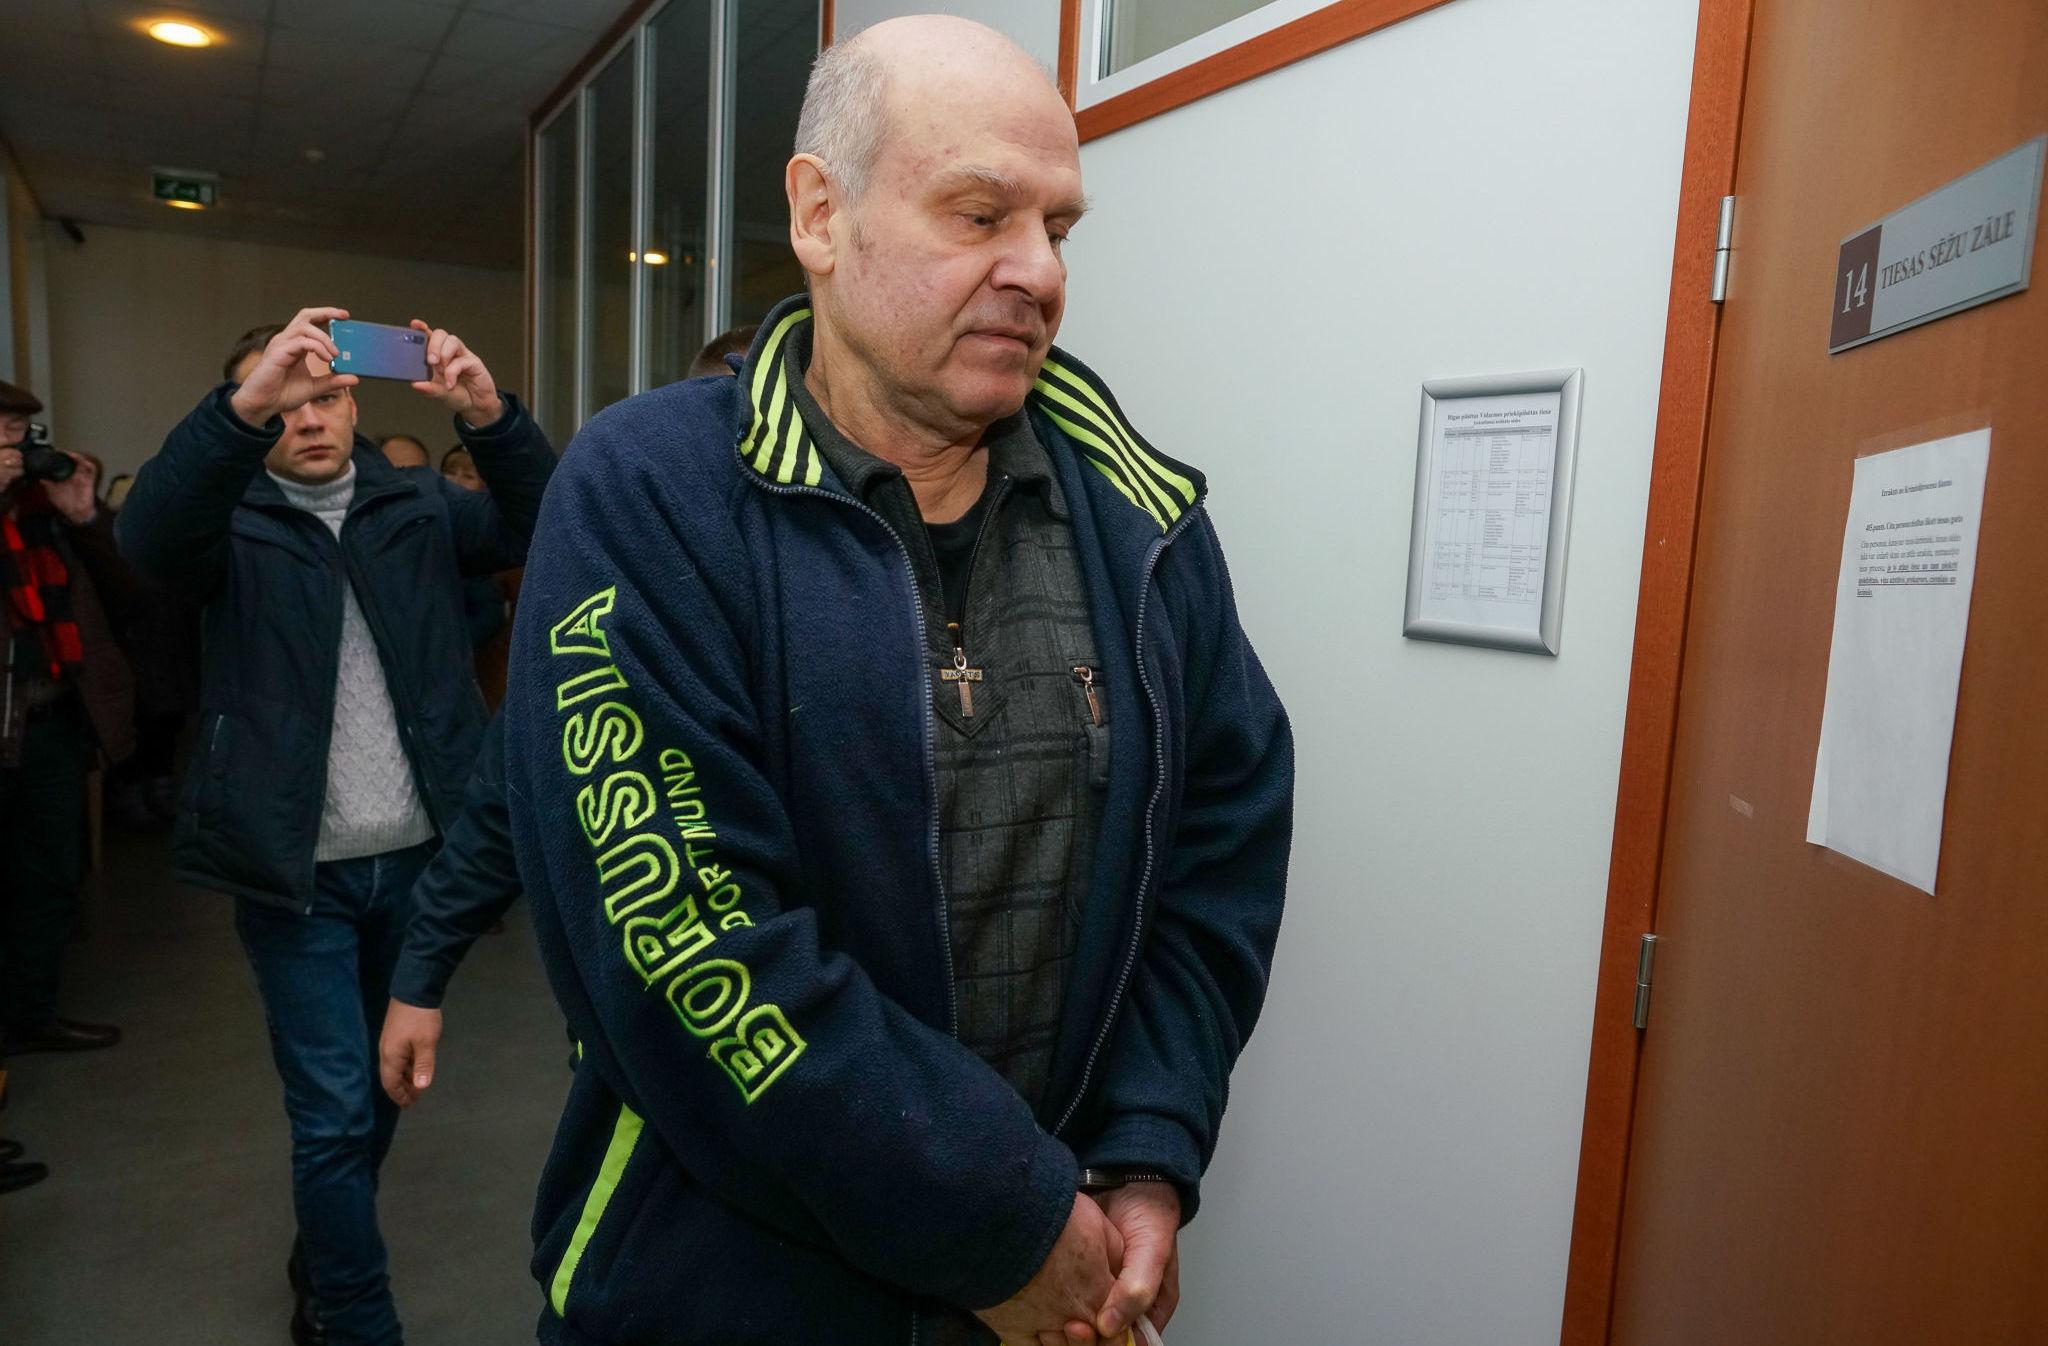 Олег Бурак перед судебным заседанием, 28 ноября 2019